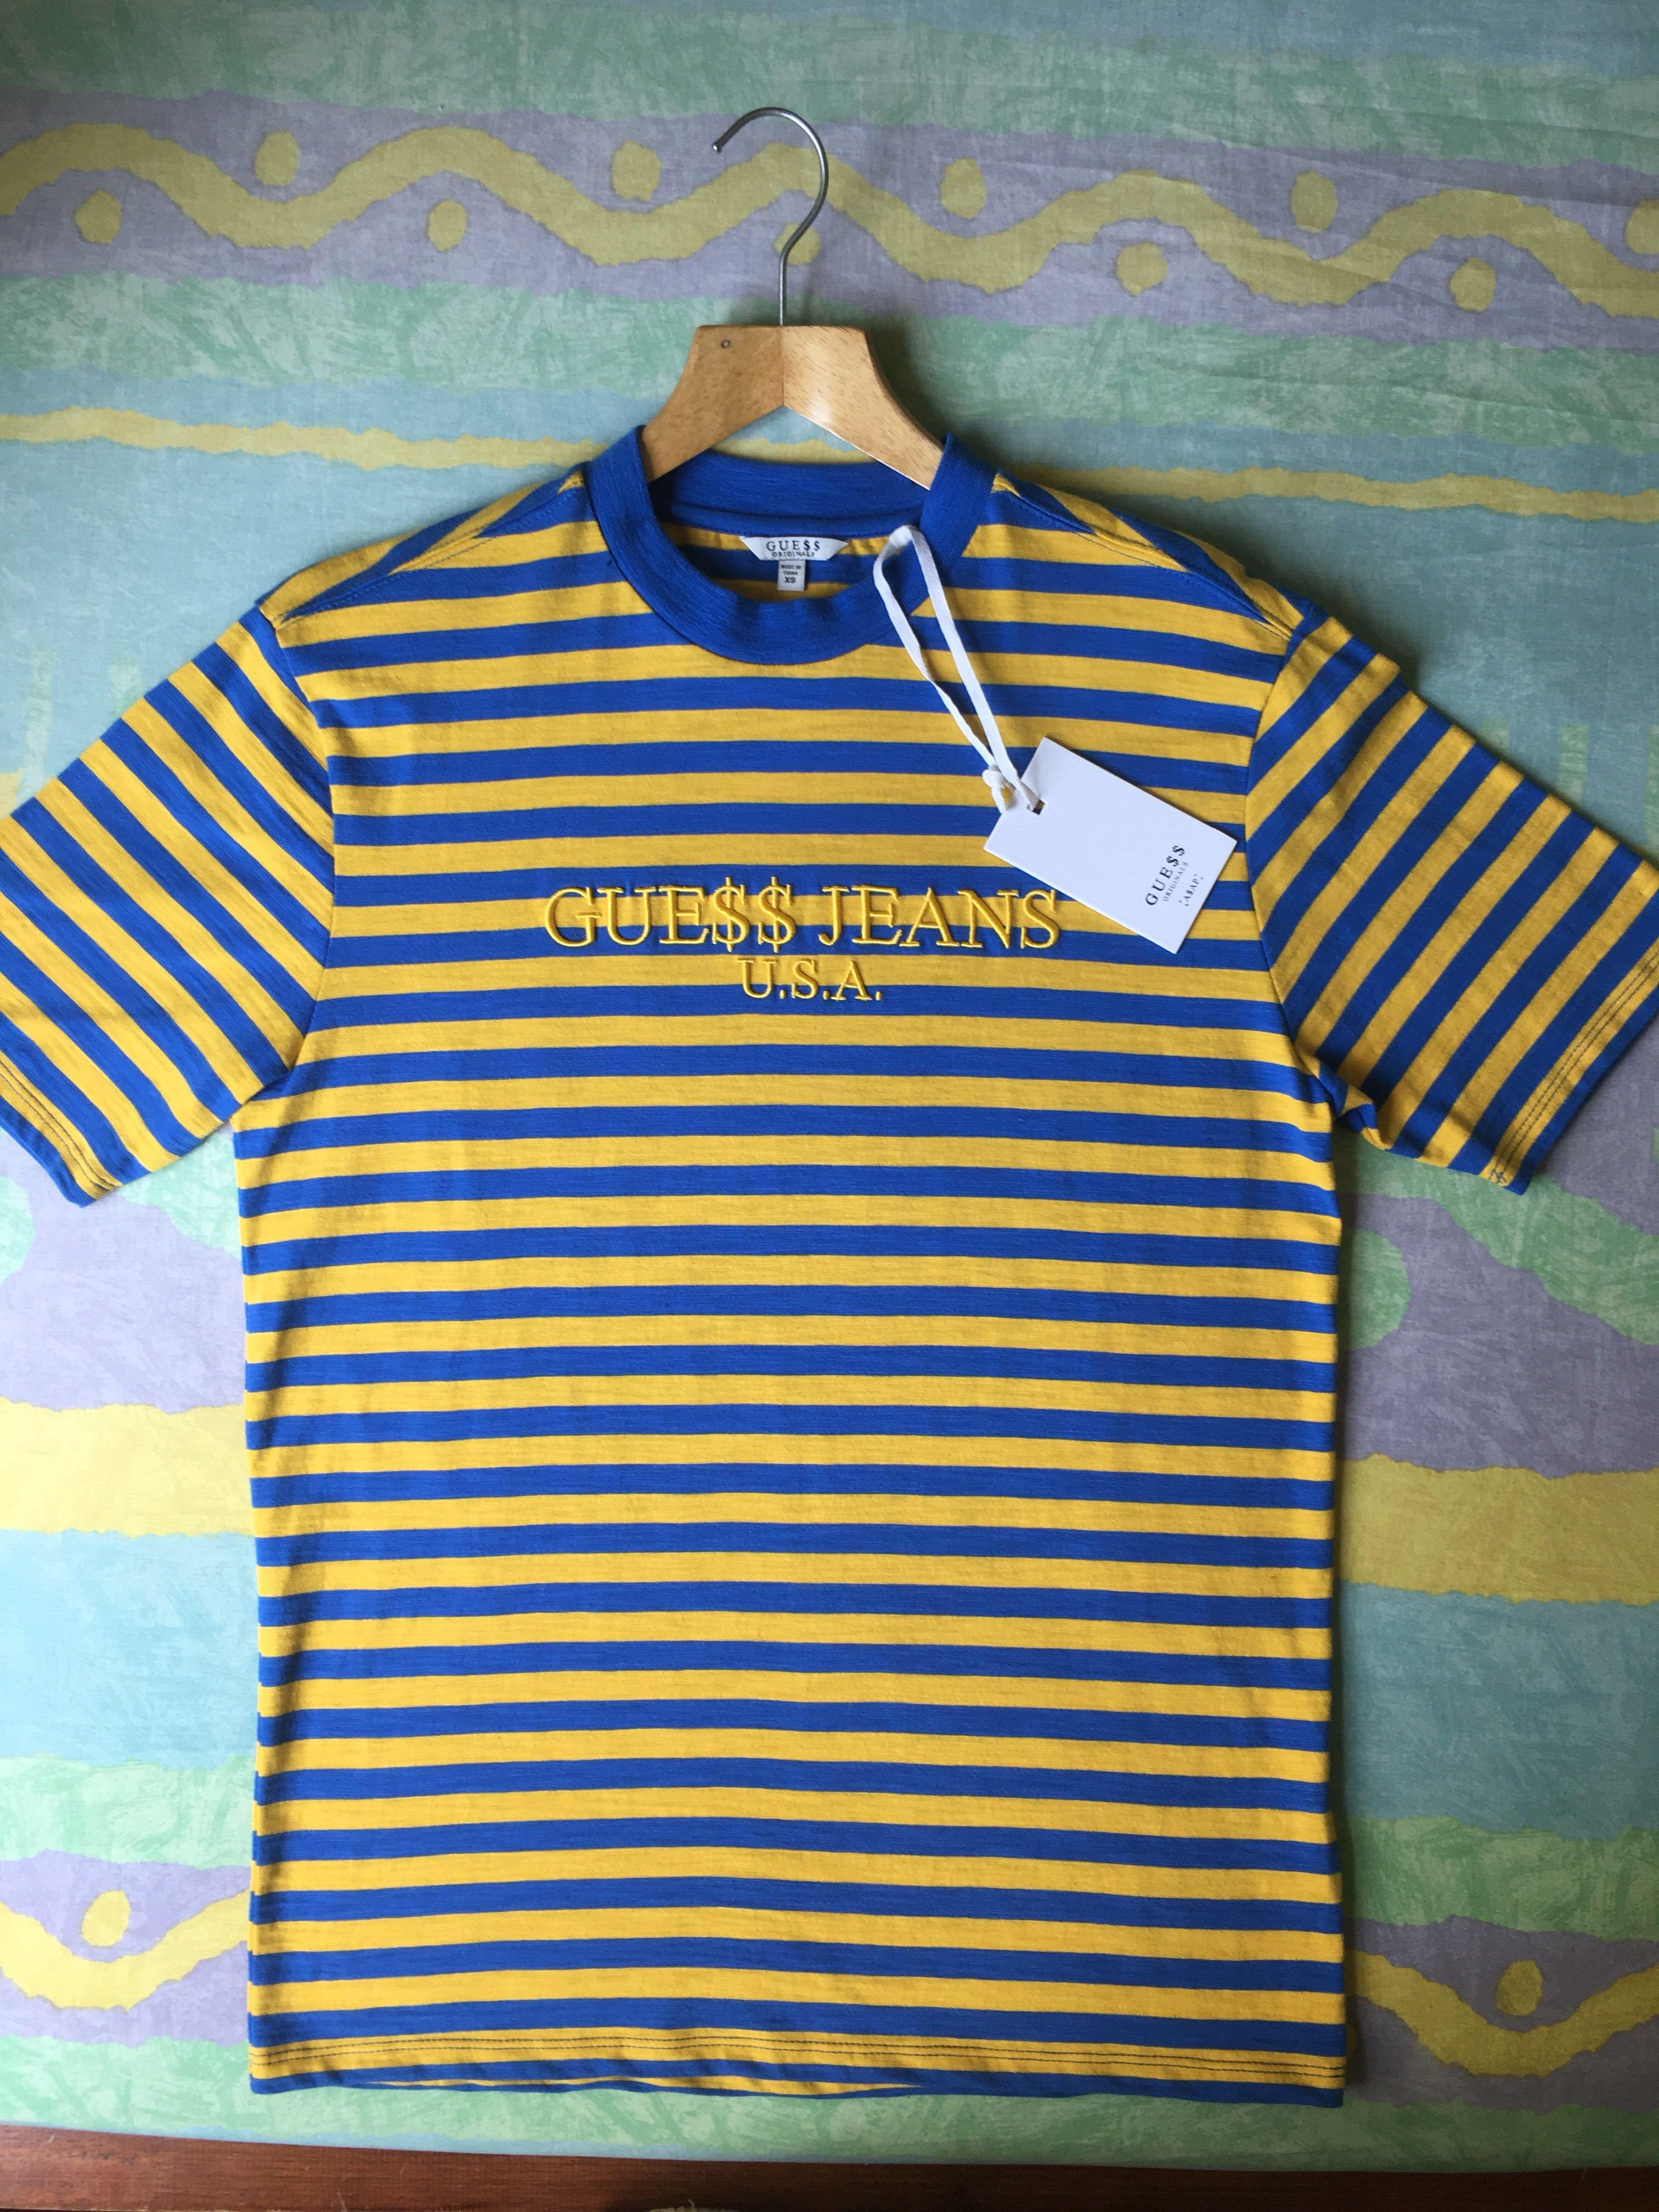 3a36a5140b95 Asap Rocky Guess Jeans Striped T Shirt